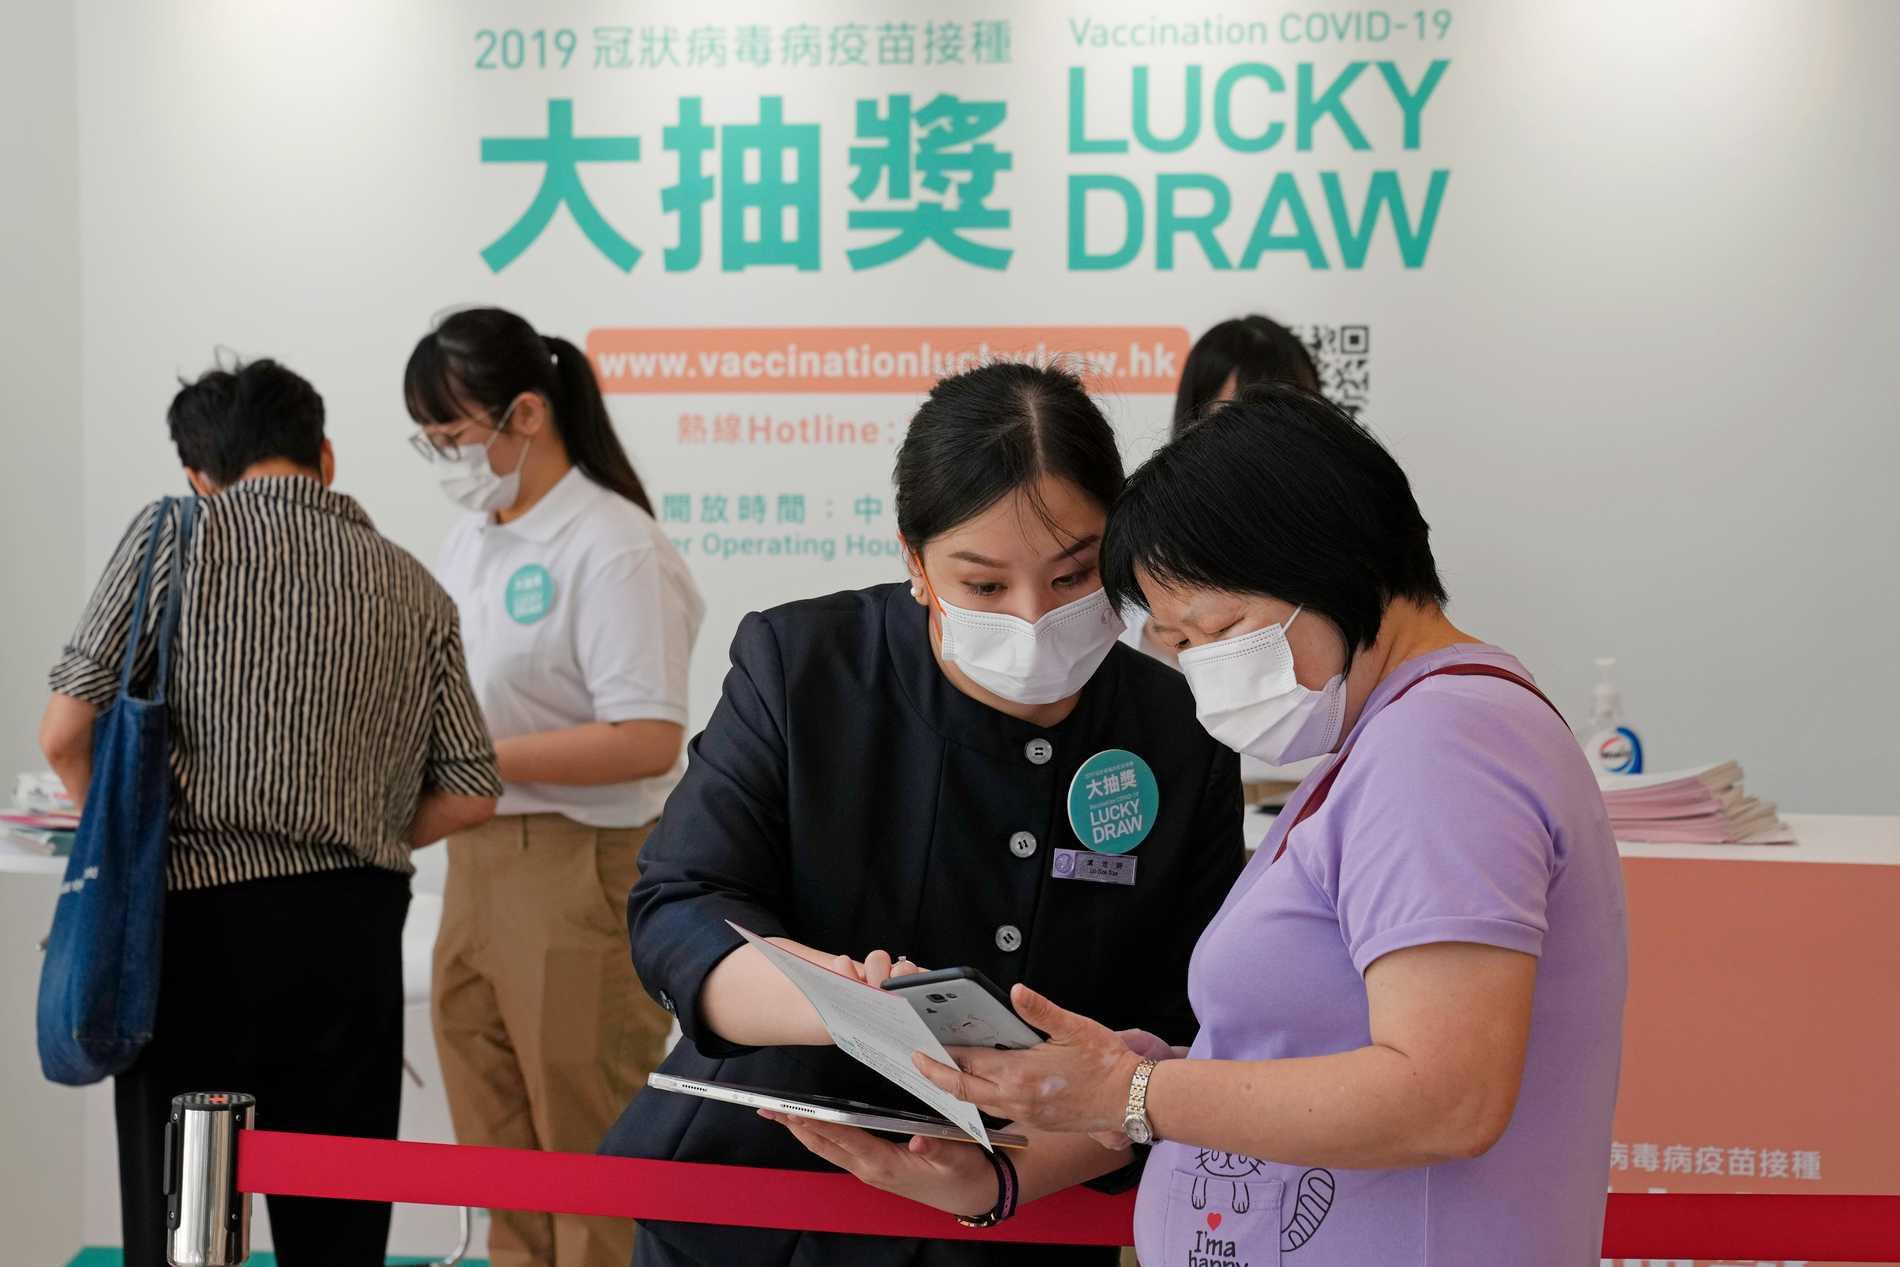 Vaccinerade Hongkong-bor kan registrera sig för att delta i en utlottning. Man kan bland annat vinna en Tesla.